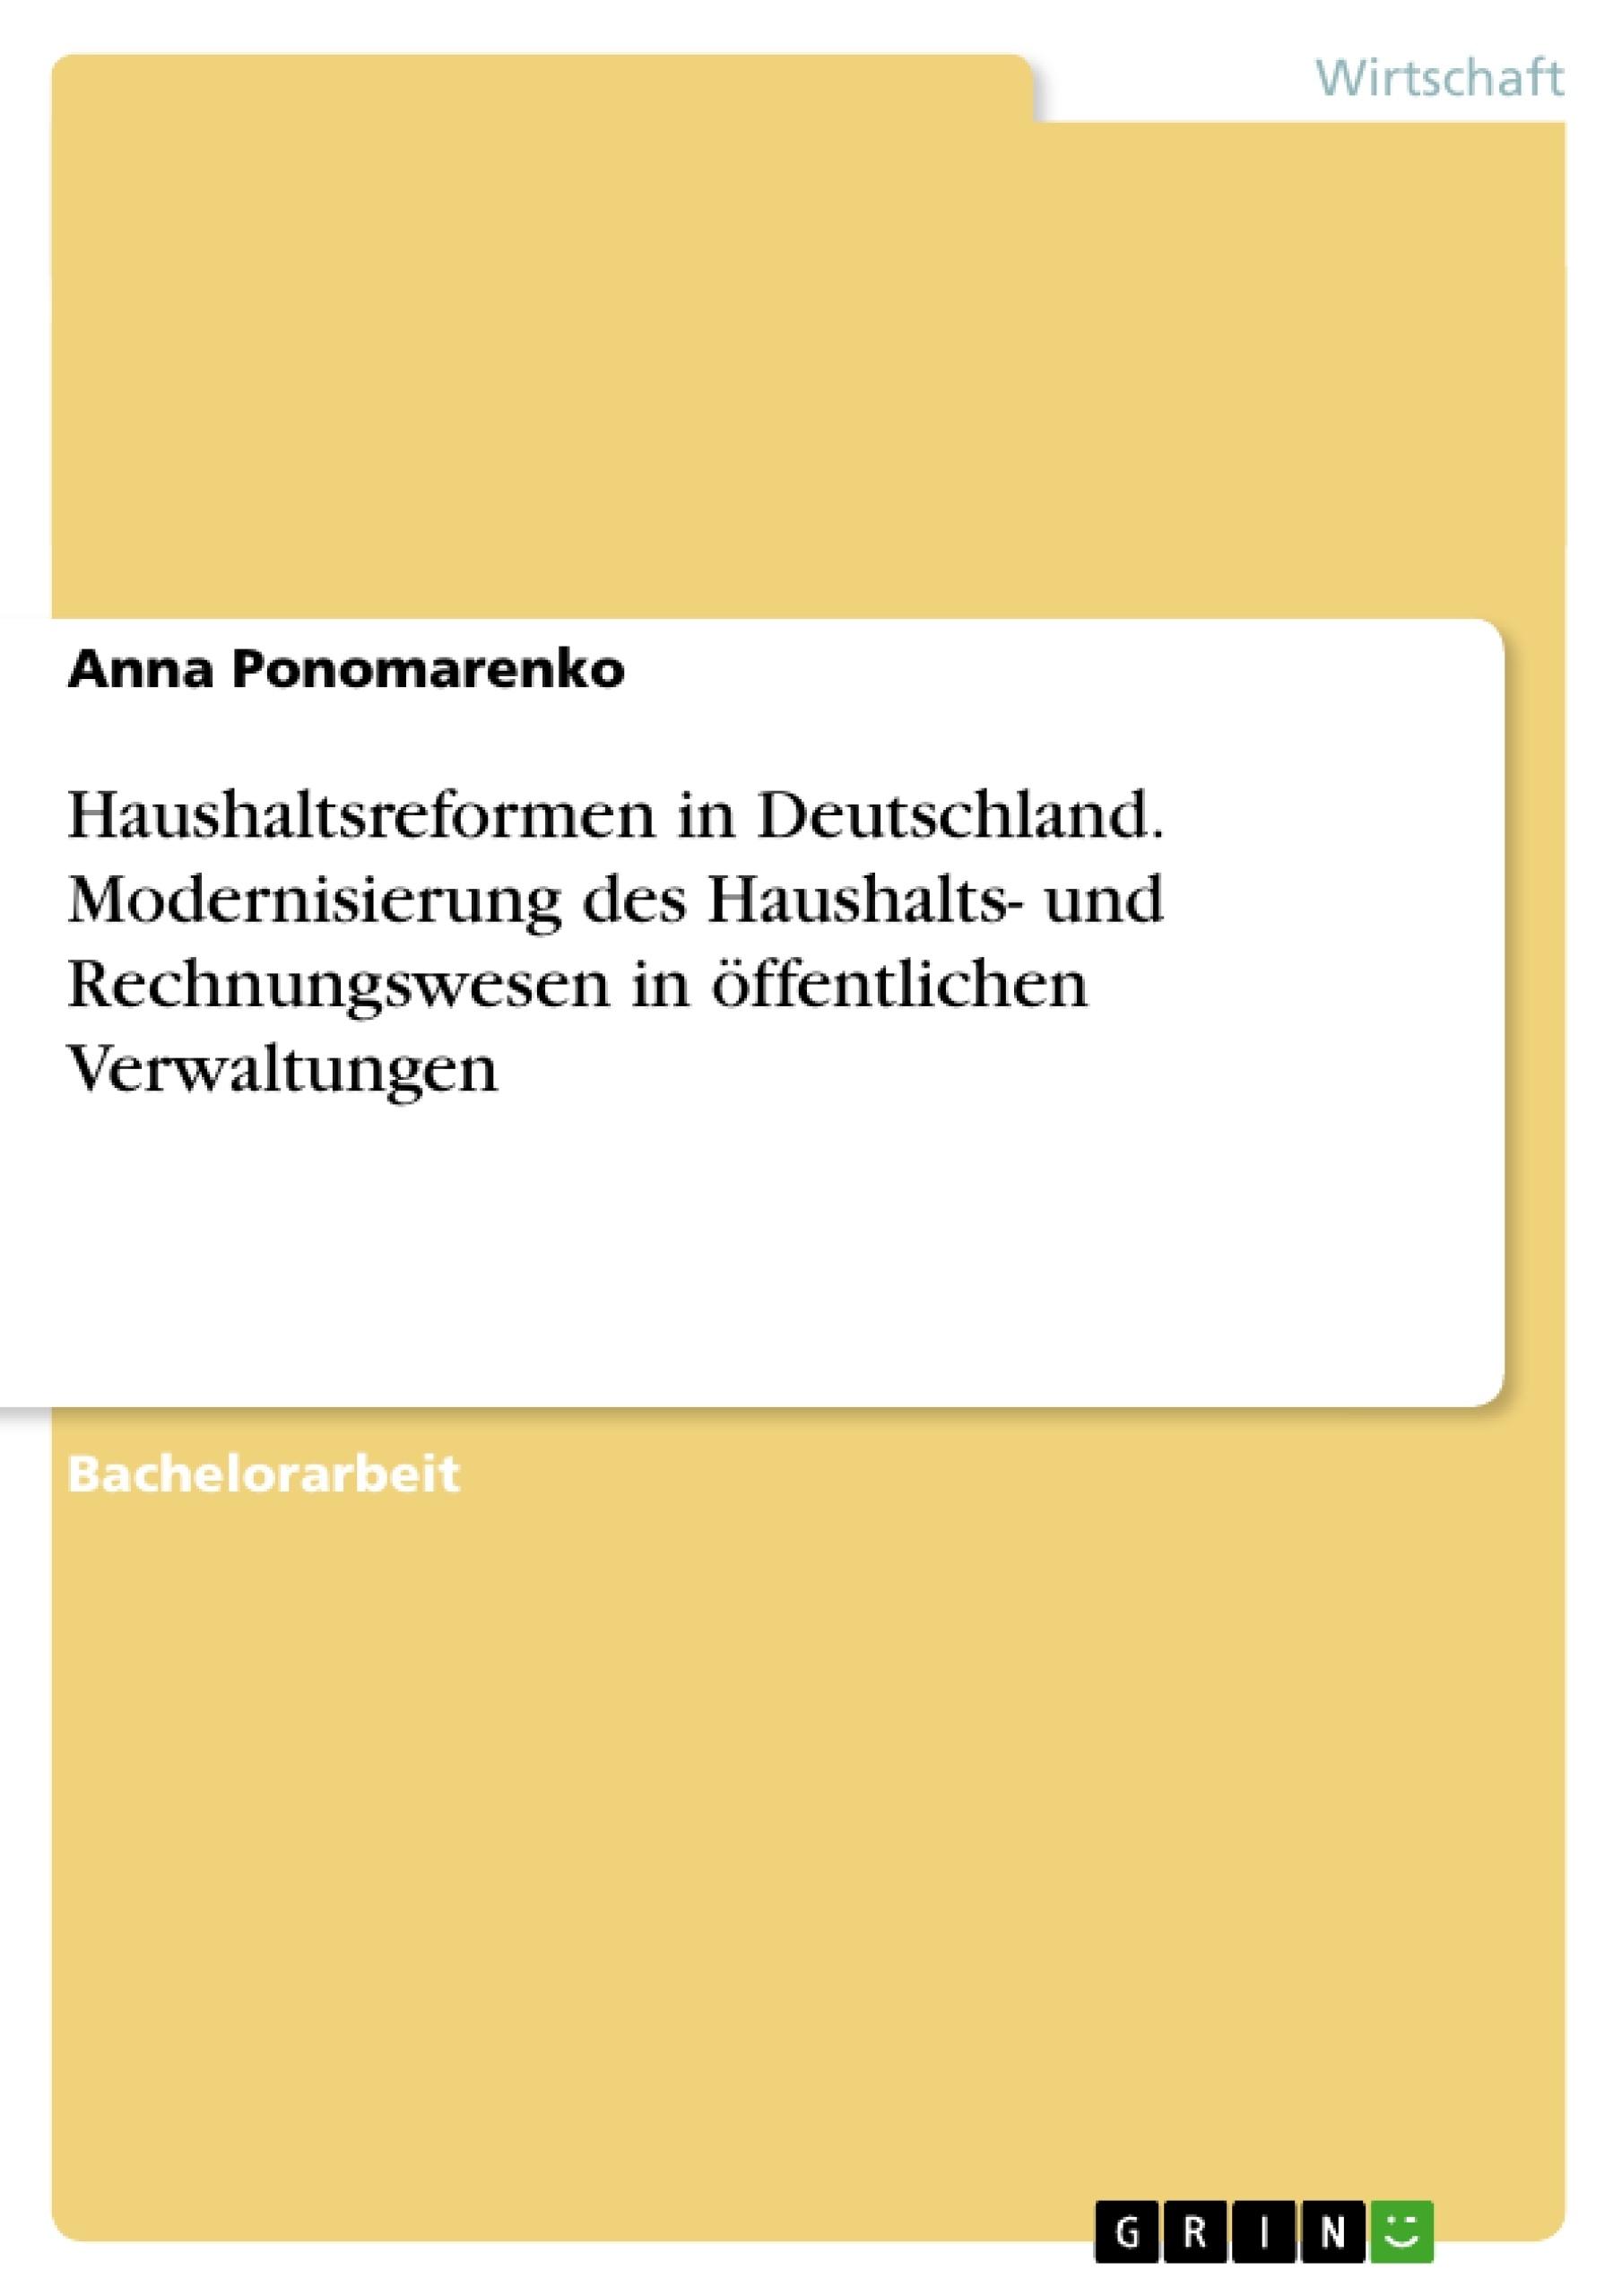 Titel: Haushaltsreformen in Deutschland. Modernisierung des Haushalts- und Rechnungswesen in öffentlichen Verwaltungen